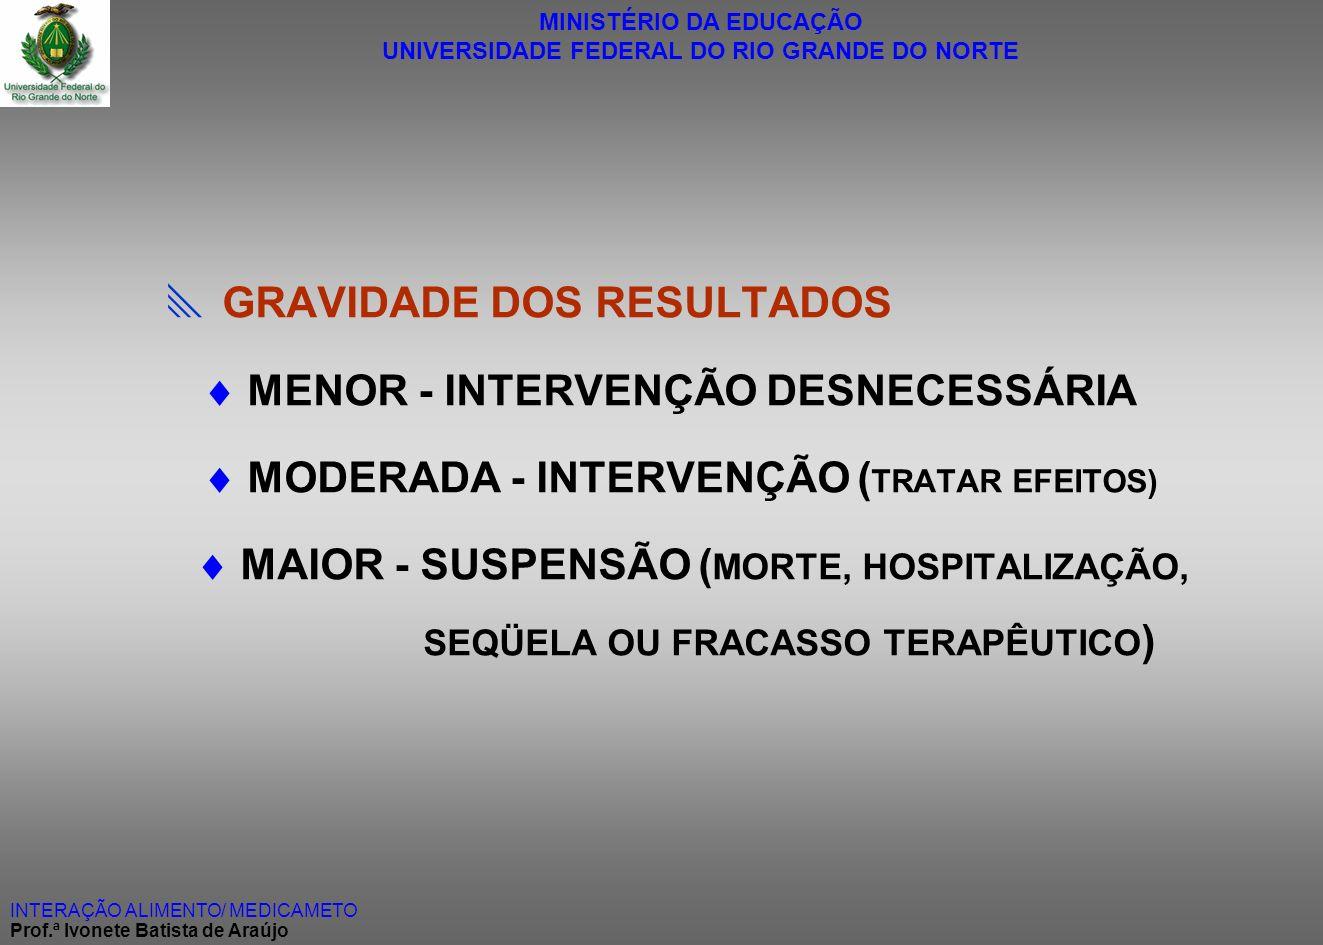 MINISTÉRIO DA EDUCAÇÃO UNIVERSIDADE FEDERAL DO RIO GRANDE DO NORTE INTERAÇÃO ALIMENTO/ MEDICAMETO Prof.ª Ivonete Batista de Araújo GRAVIDADE DOS RESUL